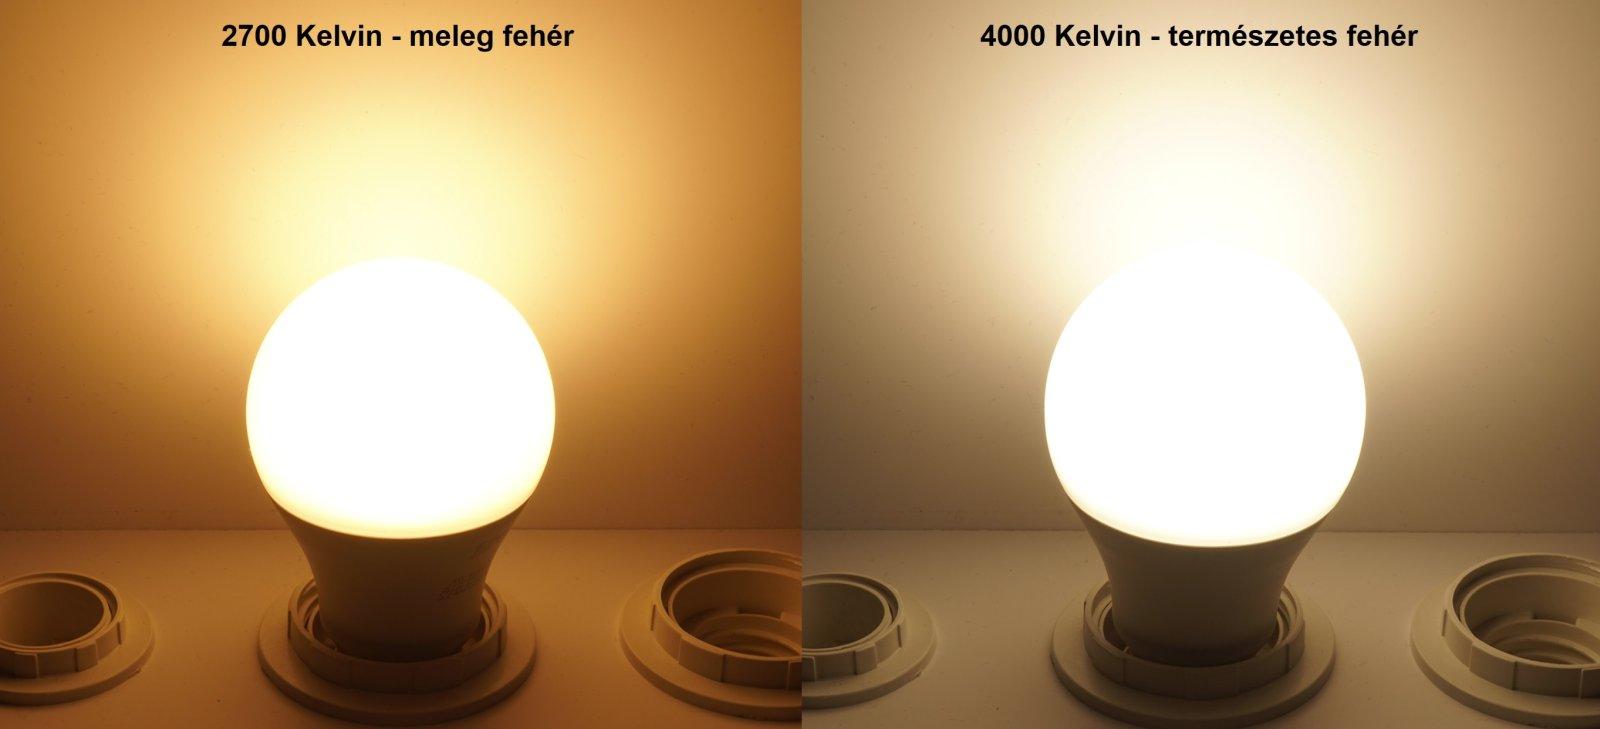 Pila LED izzó fényszín: melegfehér 2700K, természetes fehér 4000K